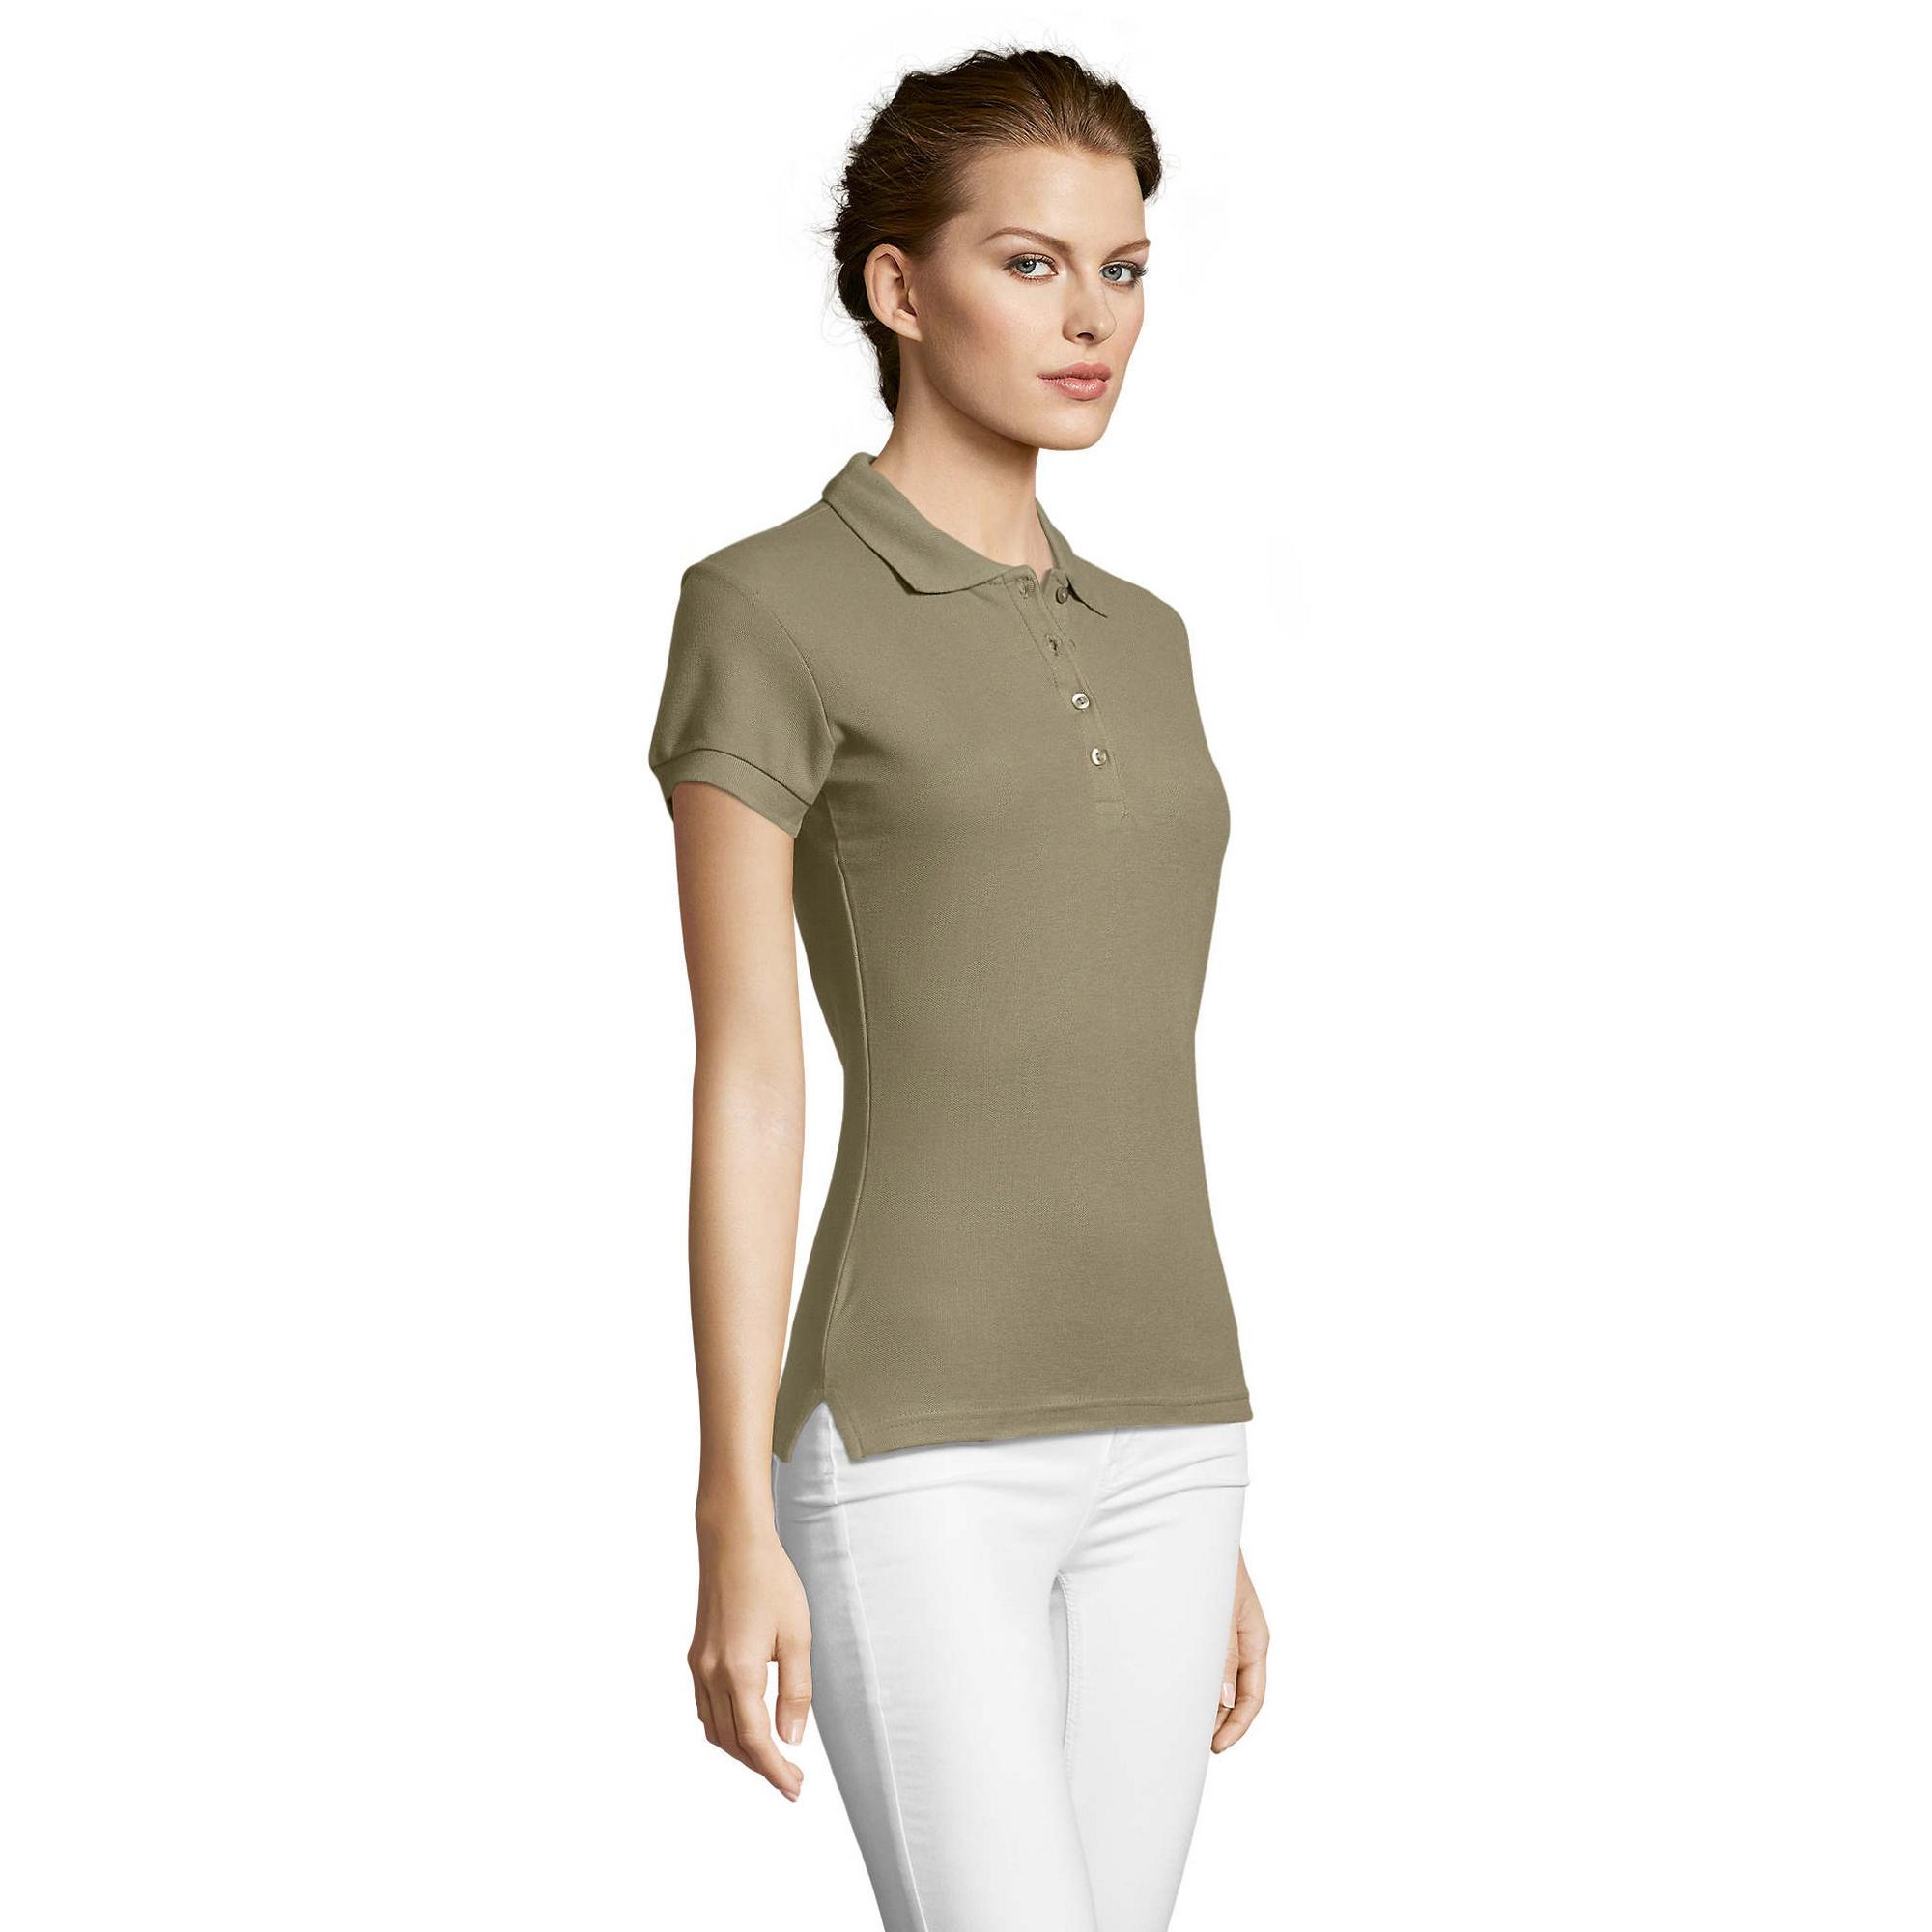 miniature 63 - SOLS-People-Polo-100-coton-a-manches-courtes-Femme-S-2XL-17-PC319